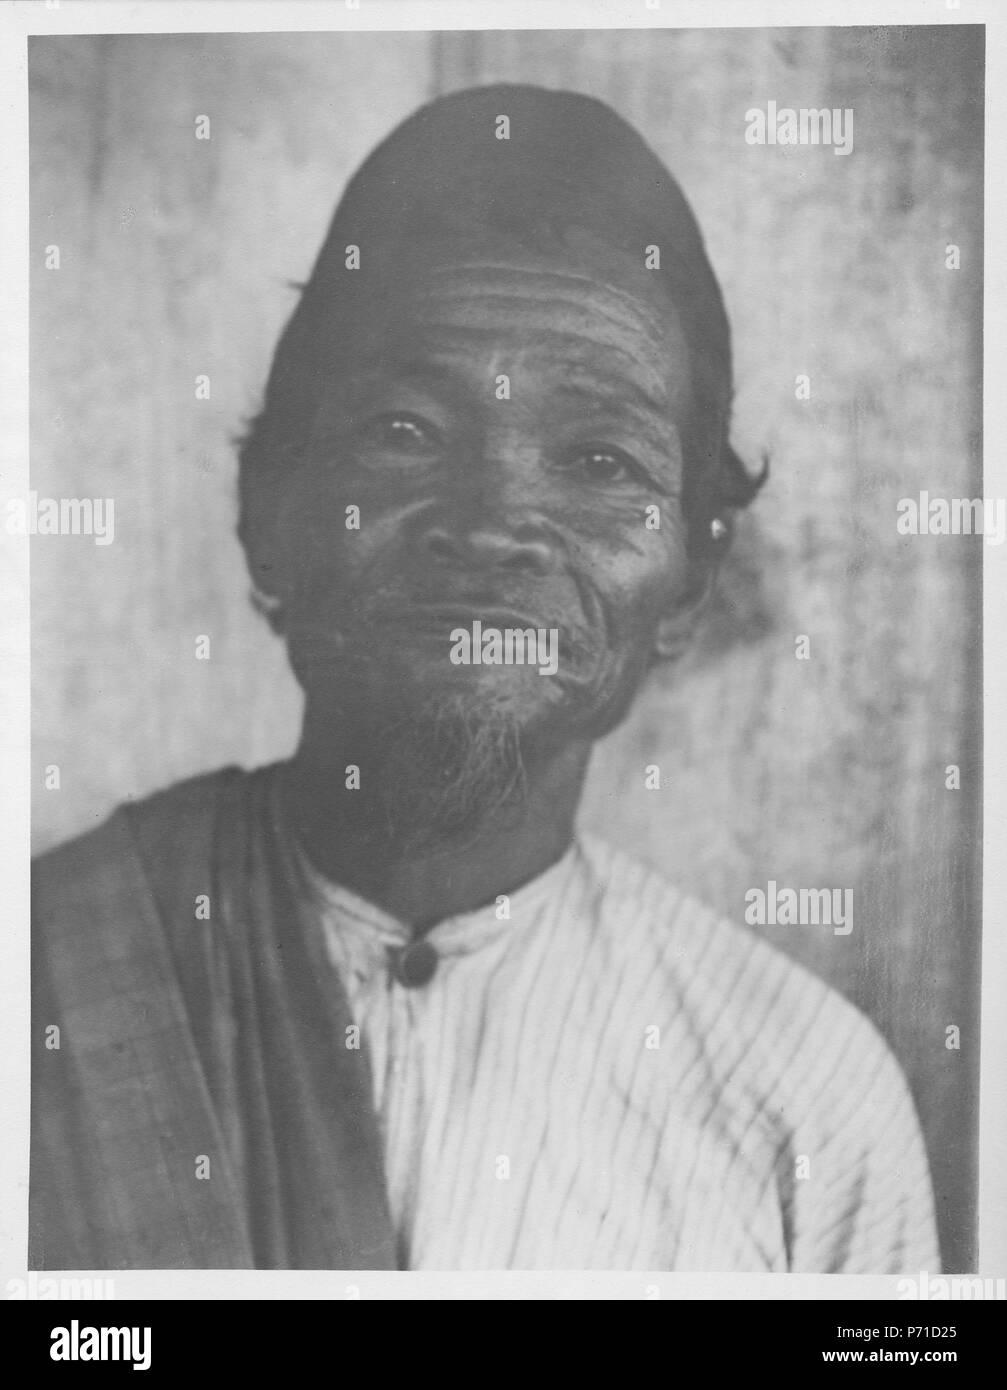 14 Gammal man från Togid, Boolang-Mongondou. Kabupaten Bolaang Mongondow, Sulawesi. Indonesien - SMVK - 000173 - Stock Image